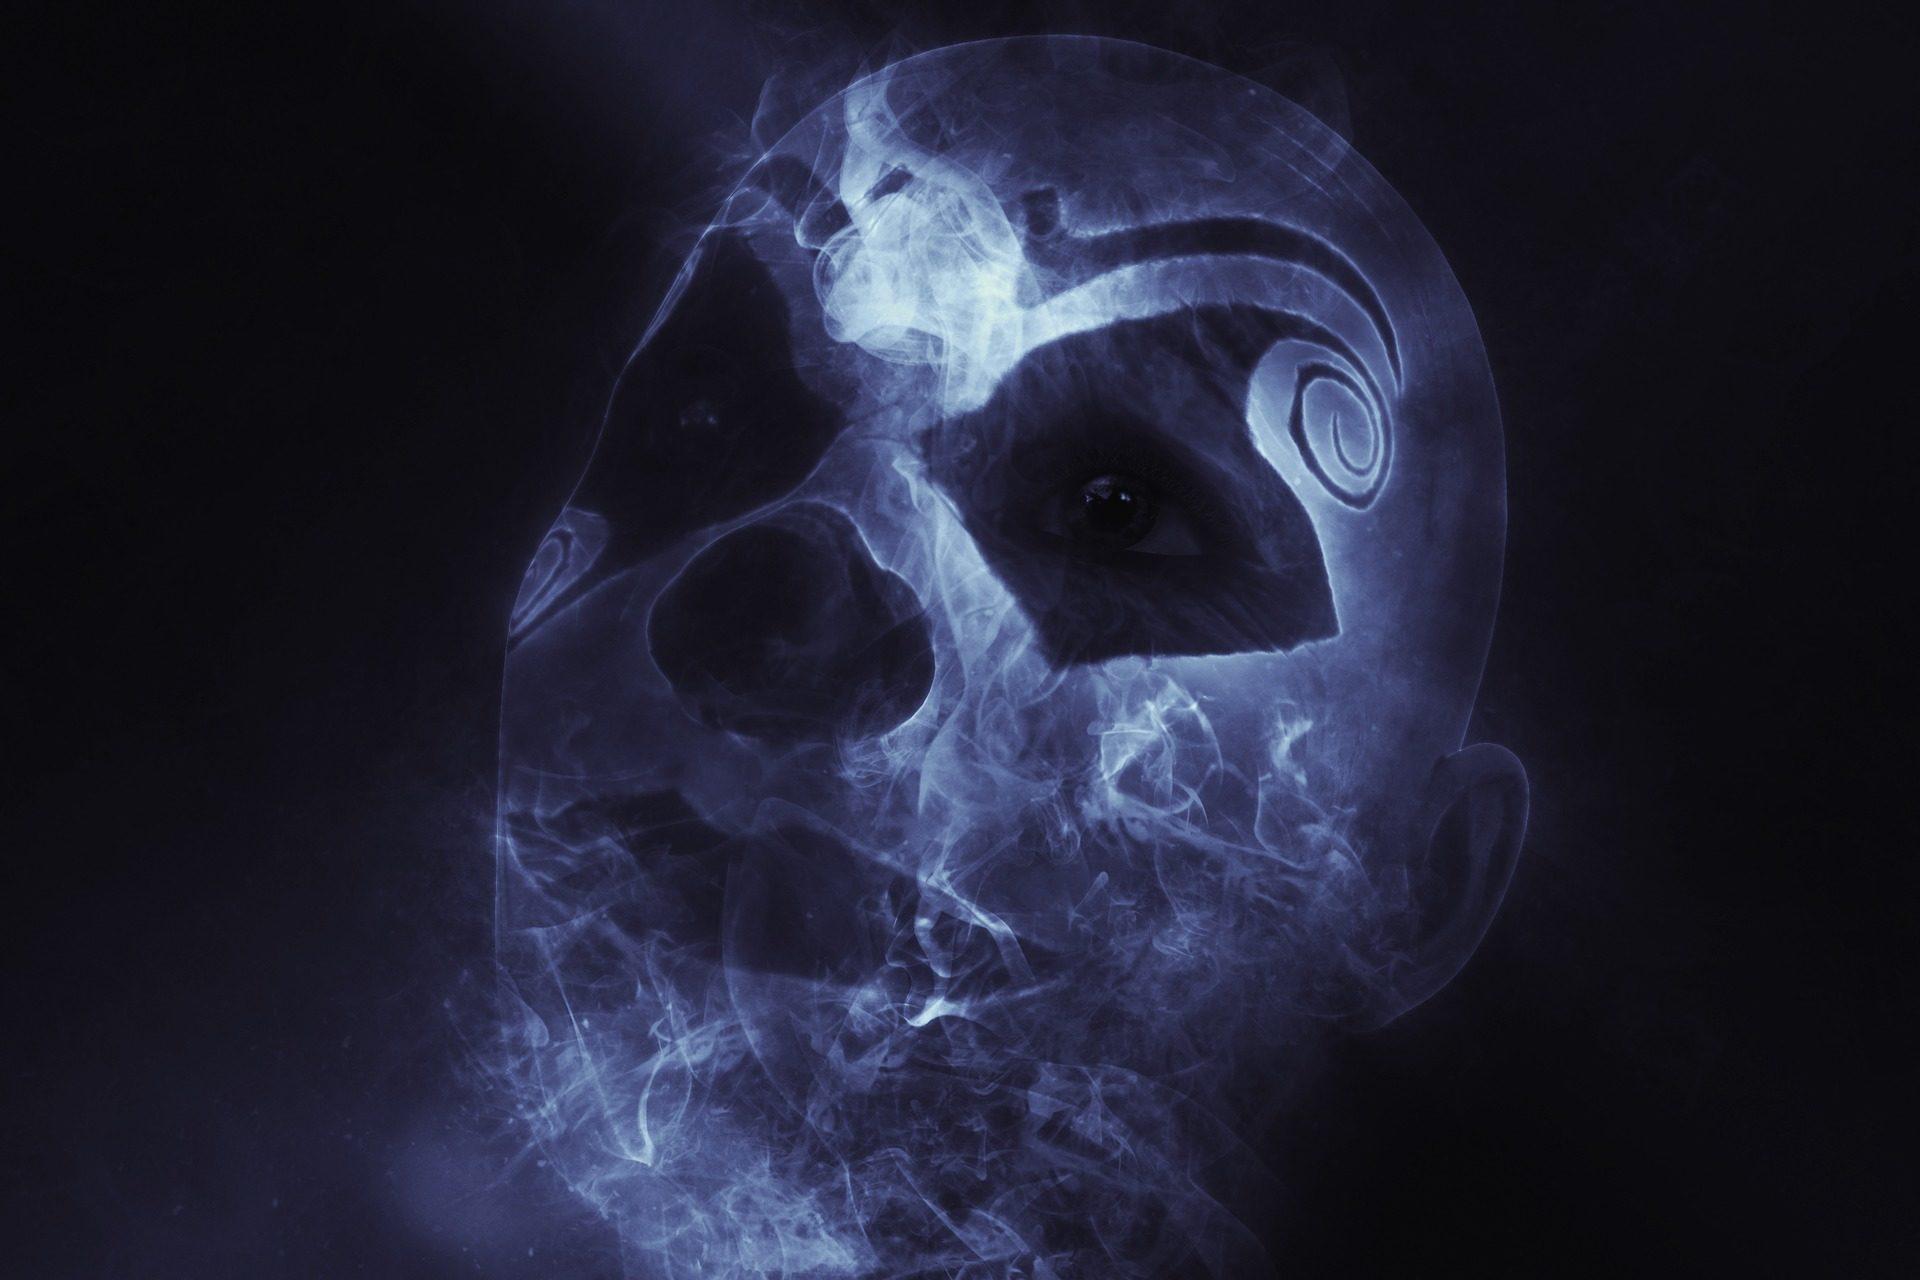 palhaço, máscara, medo, assustar, horror, Dia das bruxas - Papéis de parede HD - Professor-falken.com